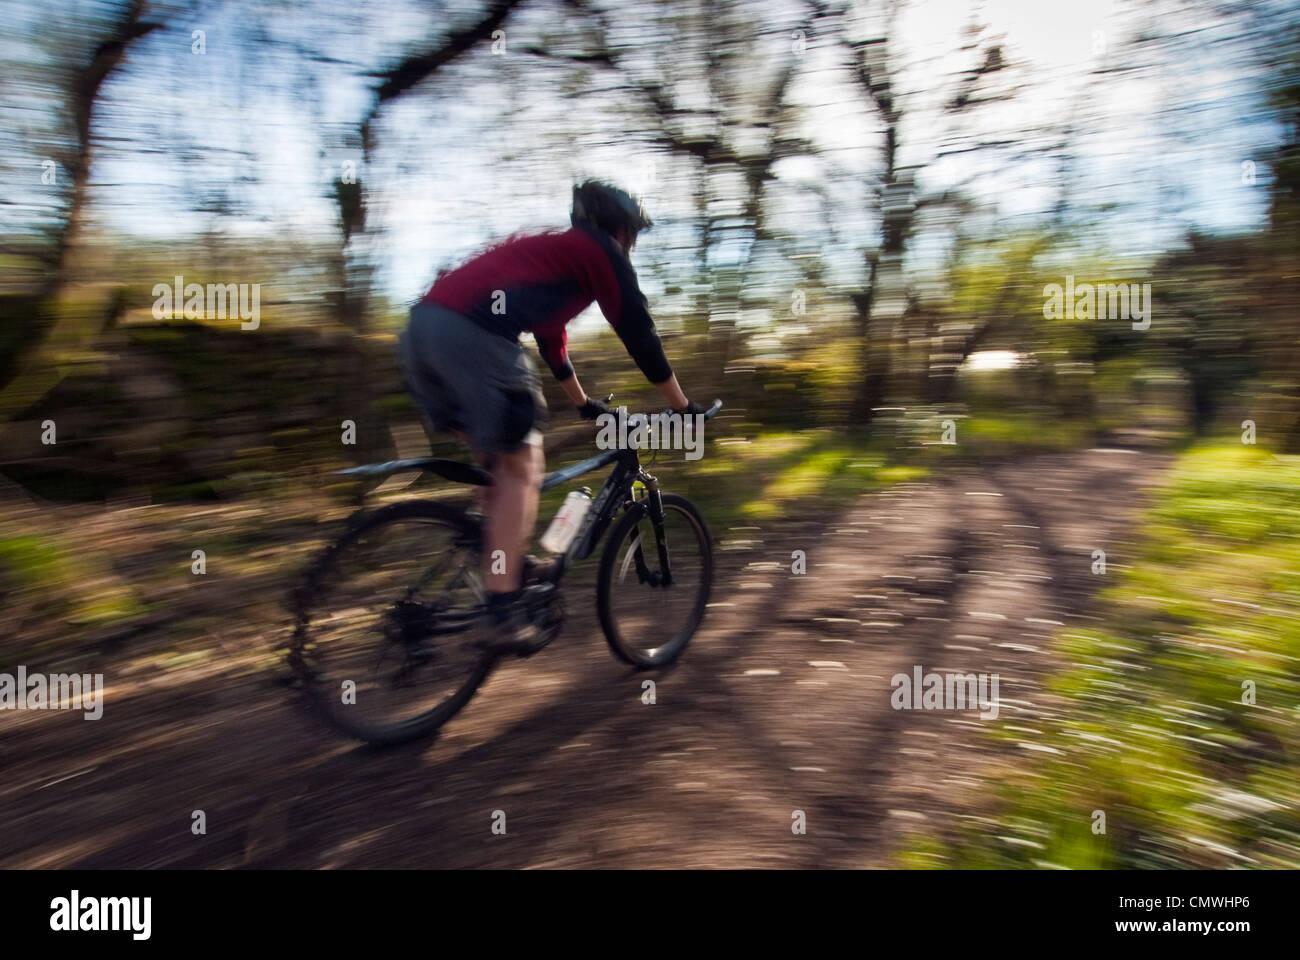 Mountain biker on Occupation Lane, Warton Crag, Lancashire, UK - Stock Image